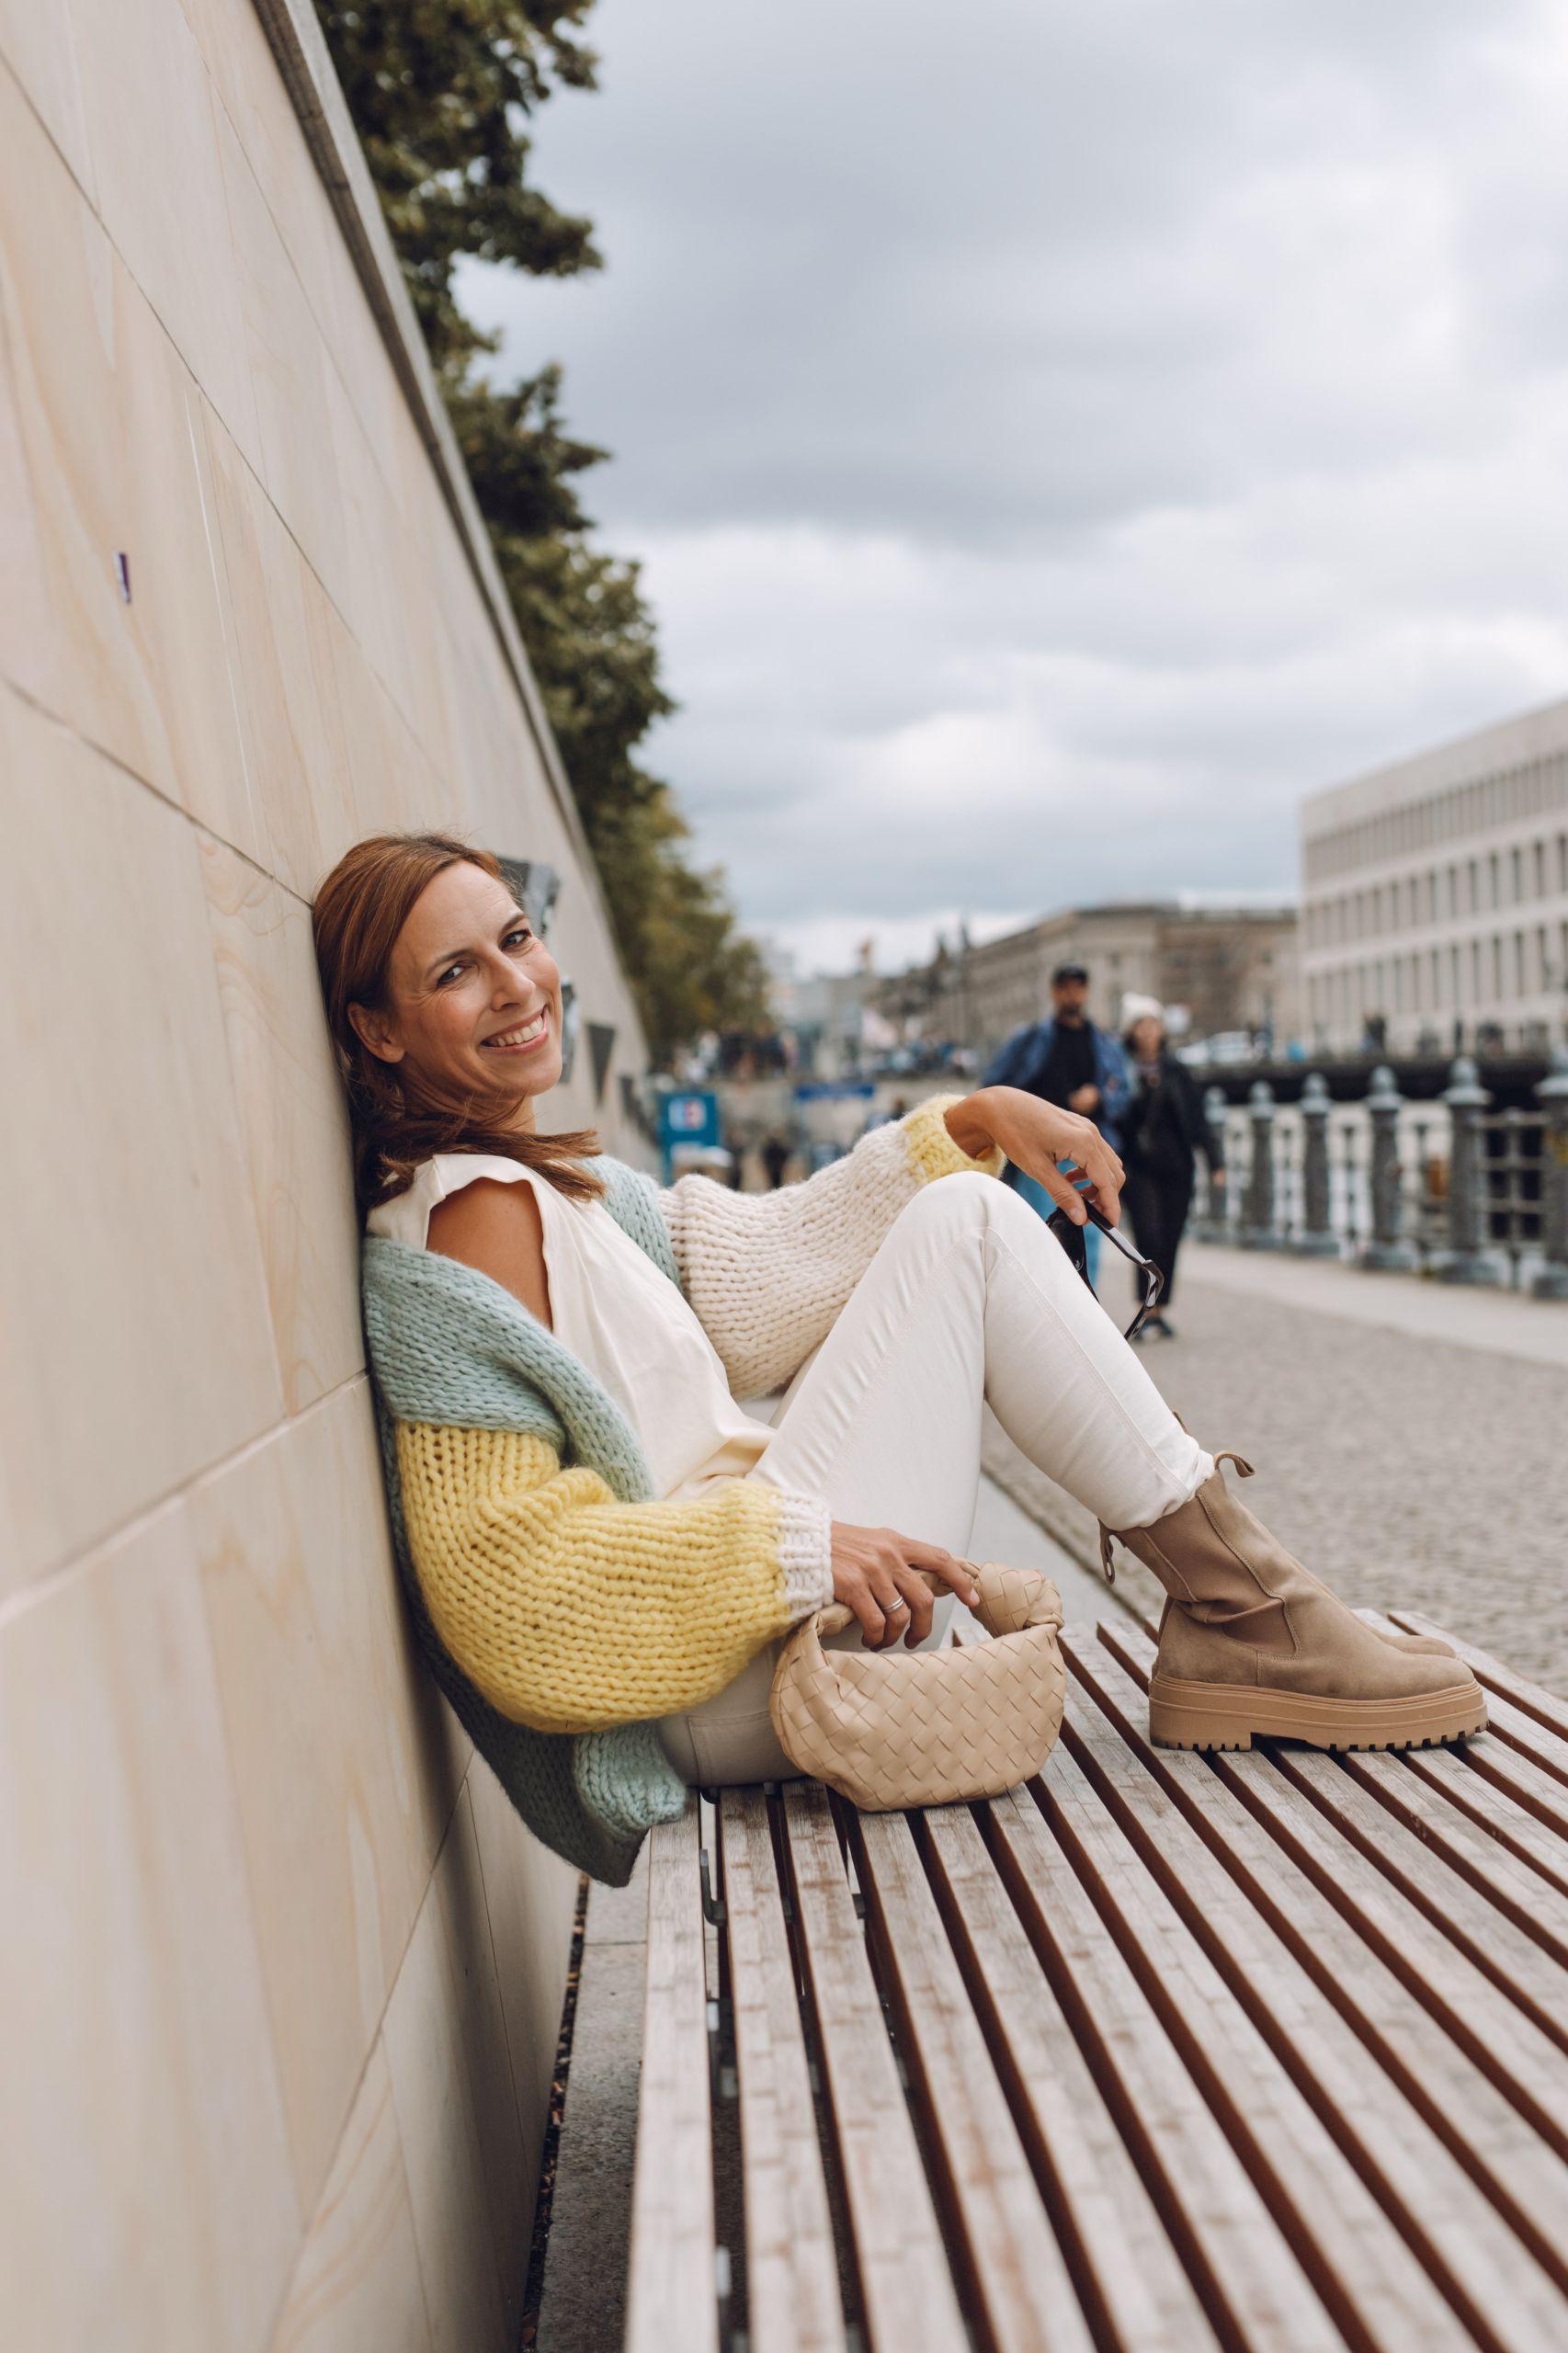 Raffaele Riccardi Combat Boots und Evyinit Cardigan zur Bottega Veneta Jodie Tasche auf der Museumsinsel in Berlin